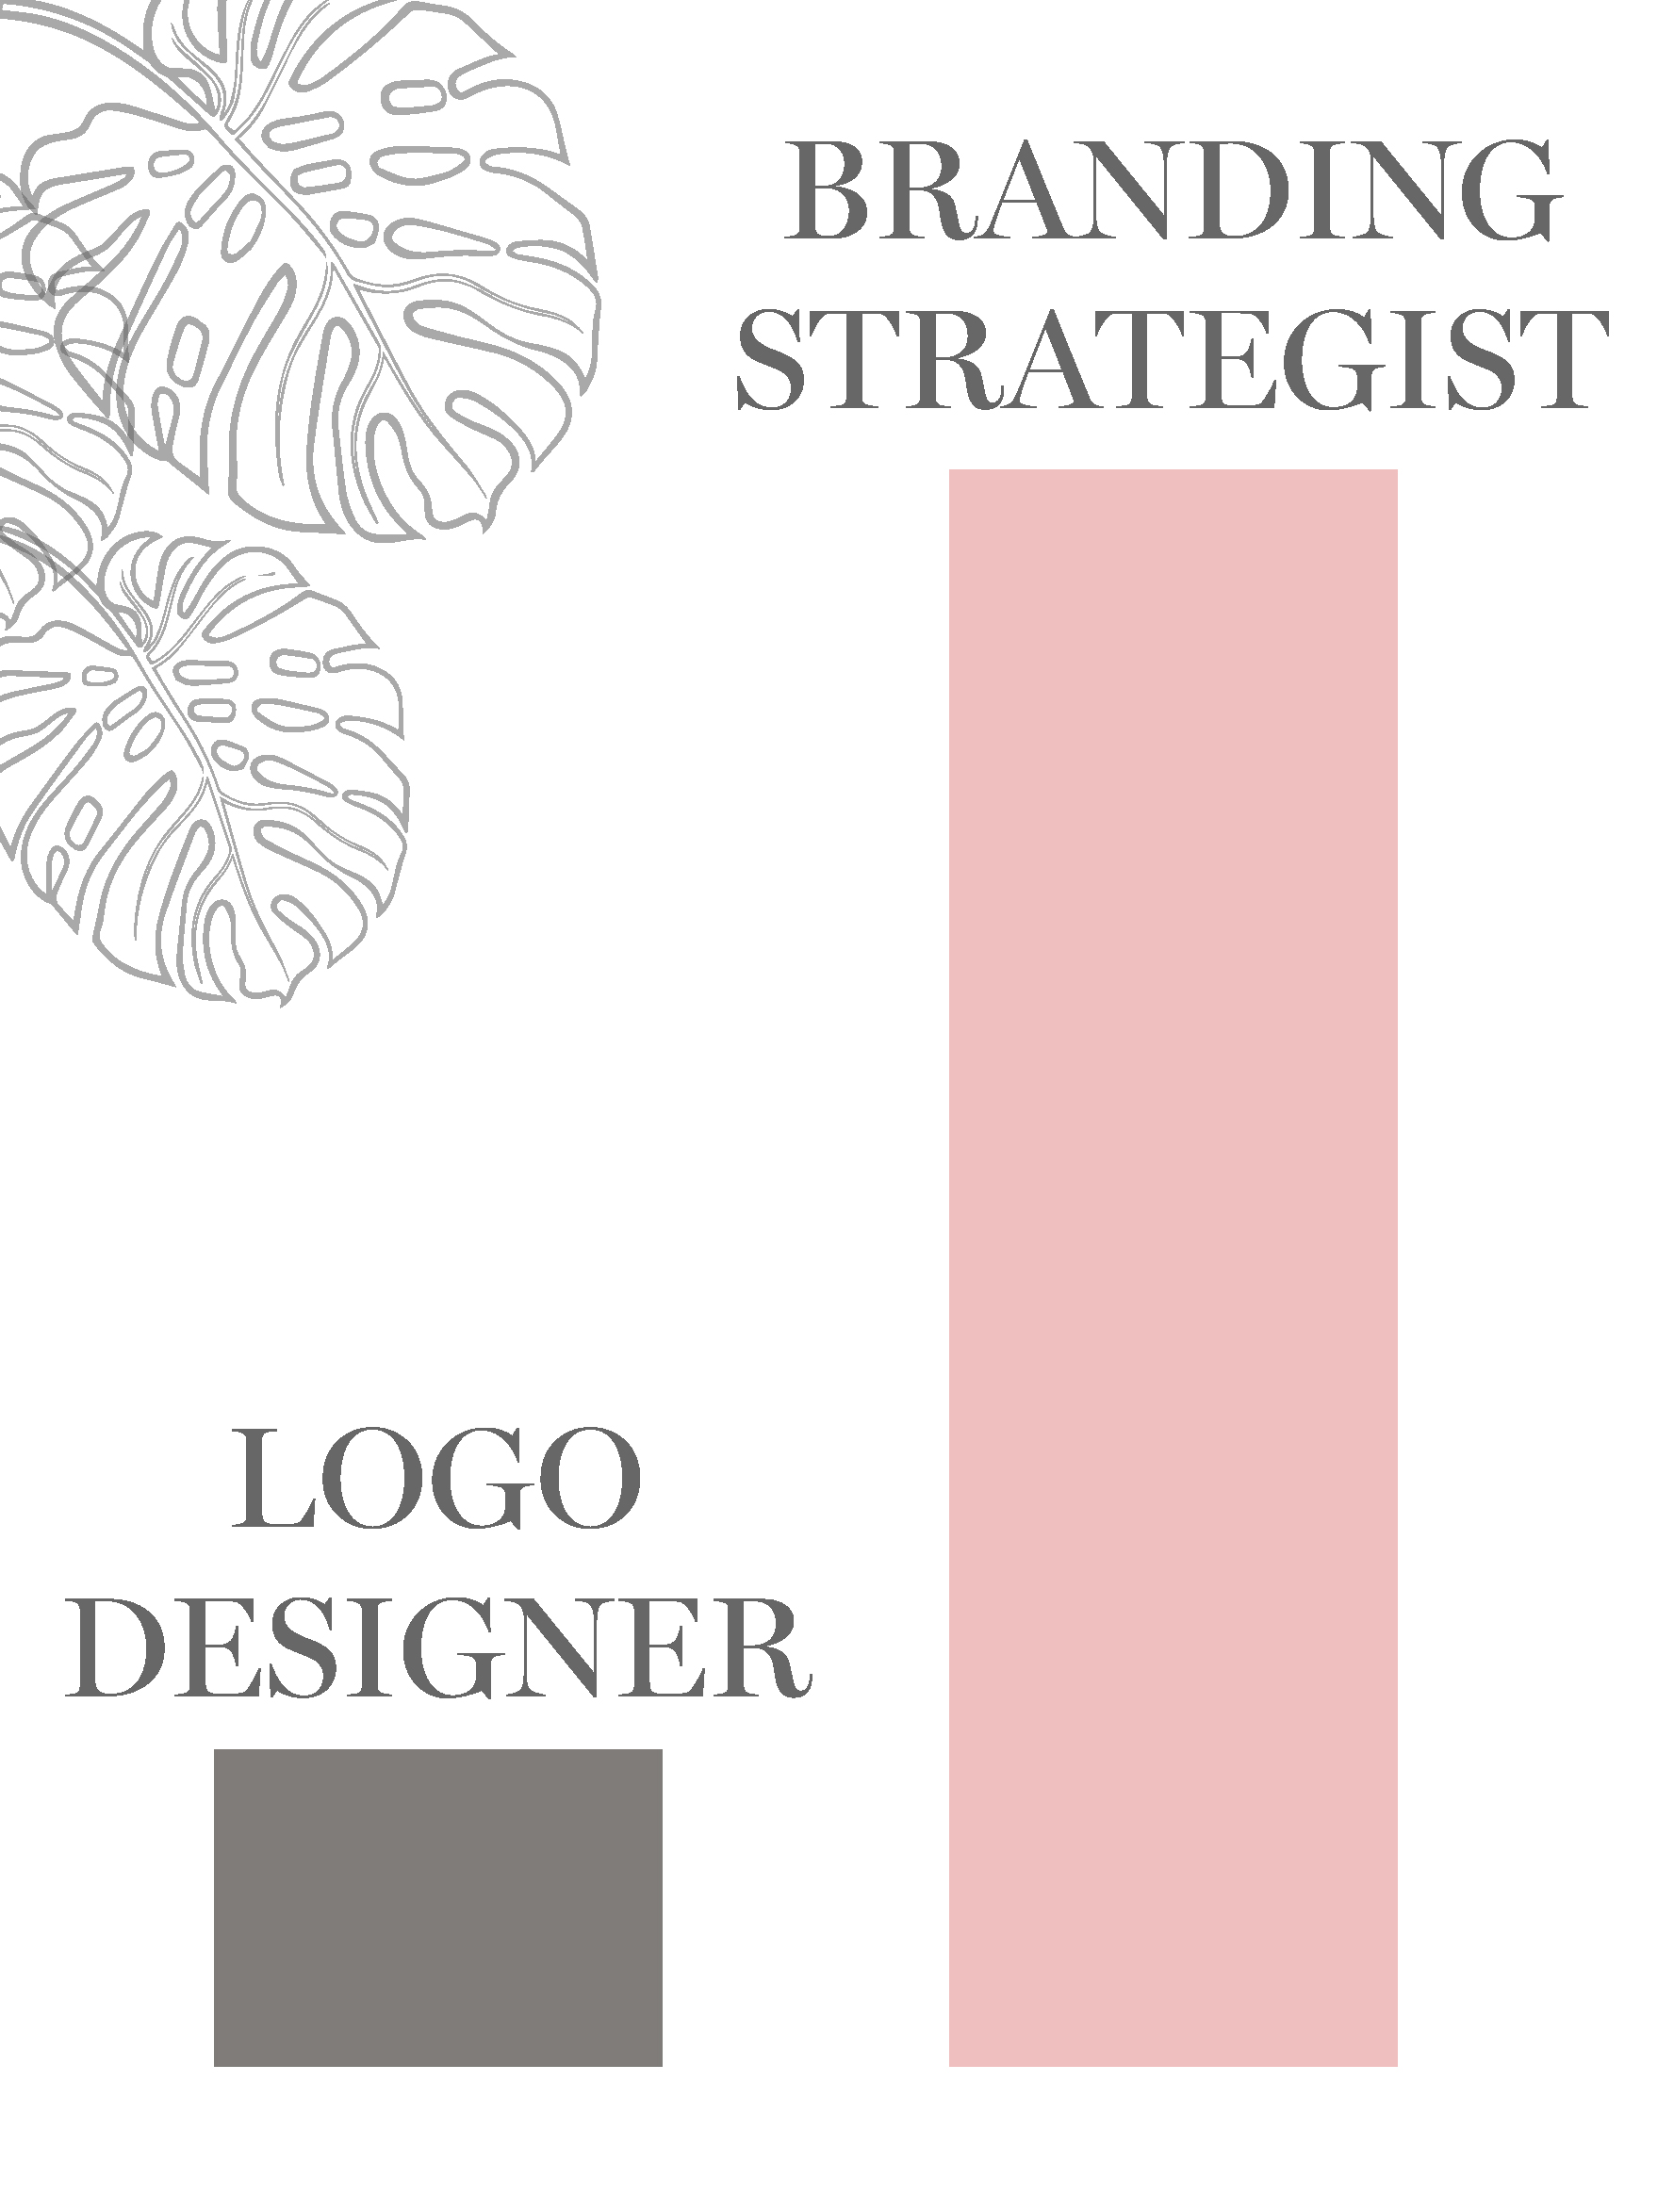 Should You Hire a Logo Designer or Branding Strategist?